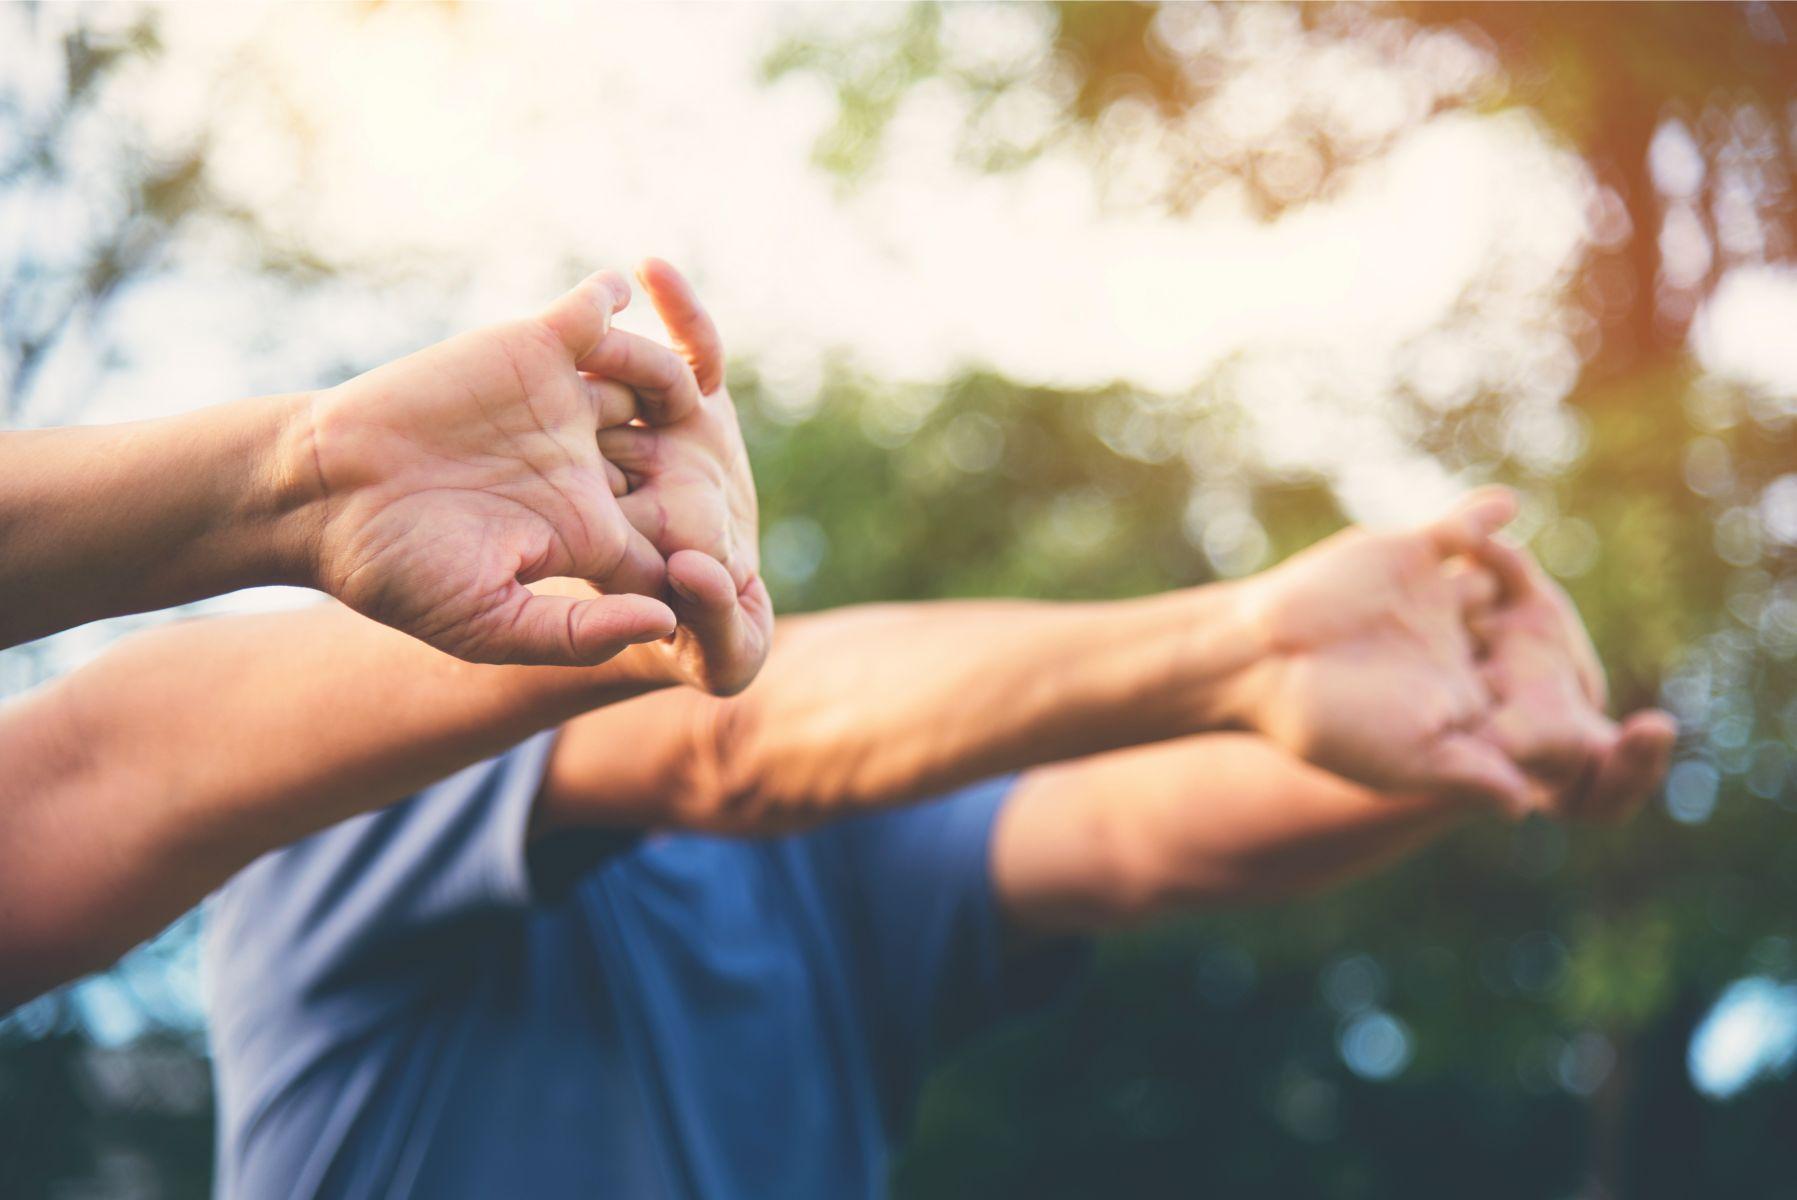 預防癌細胞增生!醫師:多做3動作促排毒、緩解疲勞就是在防癌